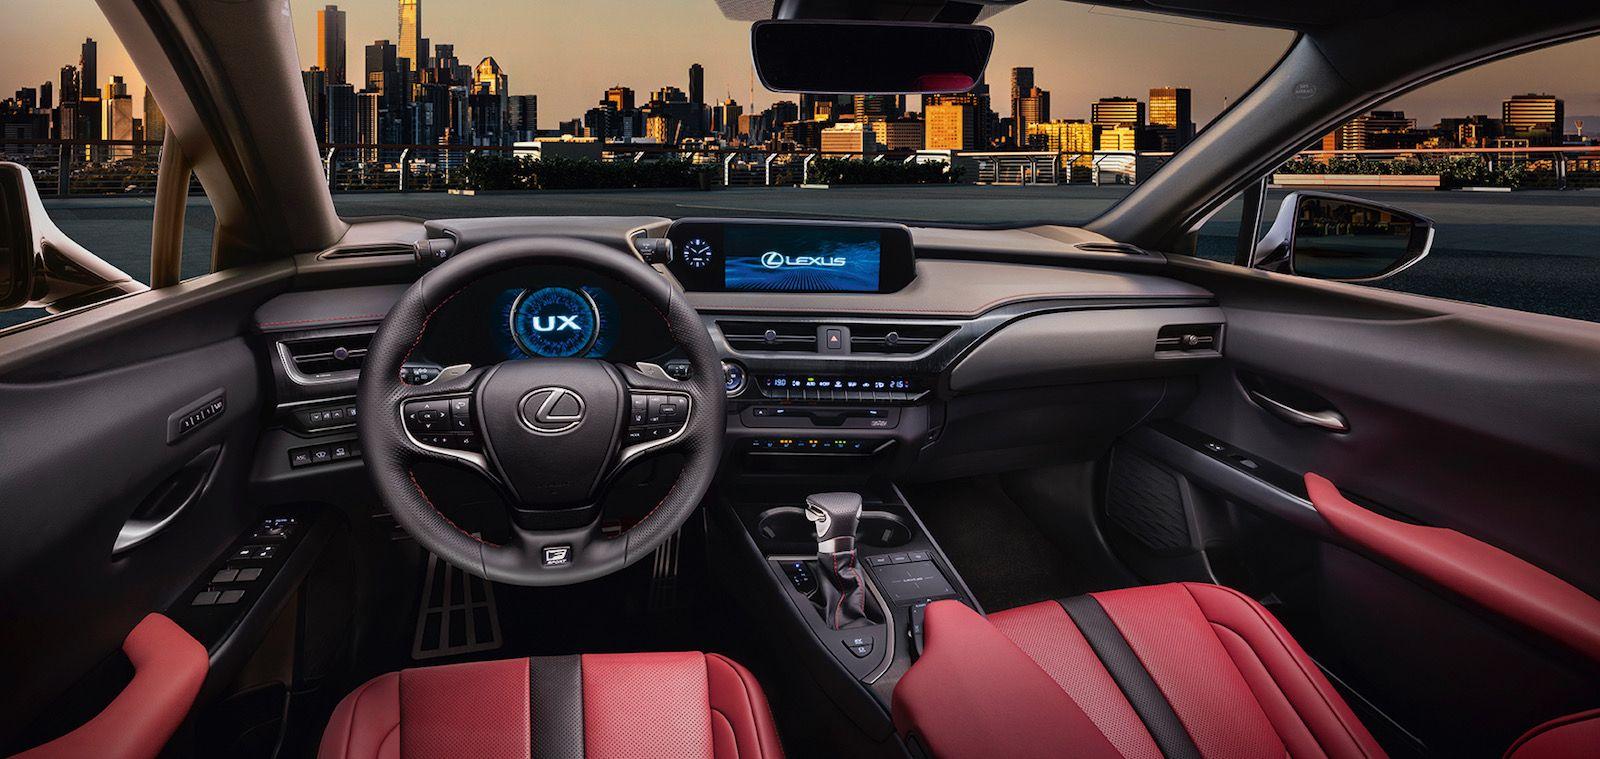 Image Result For 2019 Lexus Ux Suv Lexus Suv Lexus Dream Cars